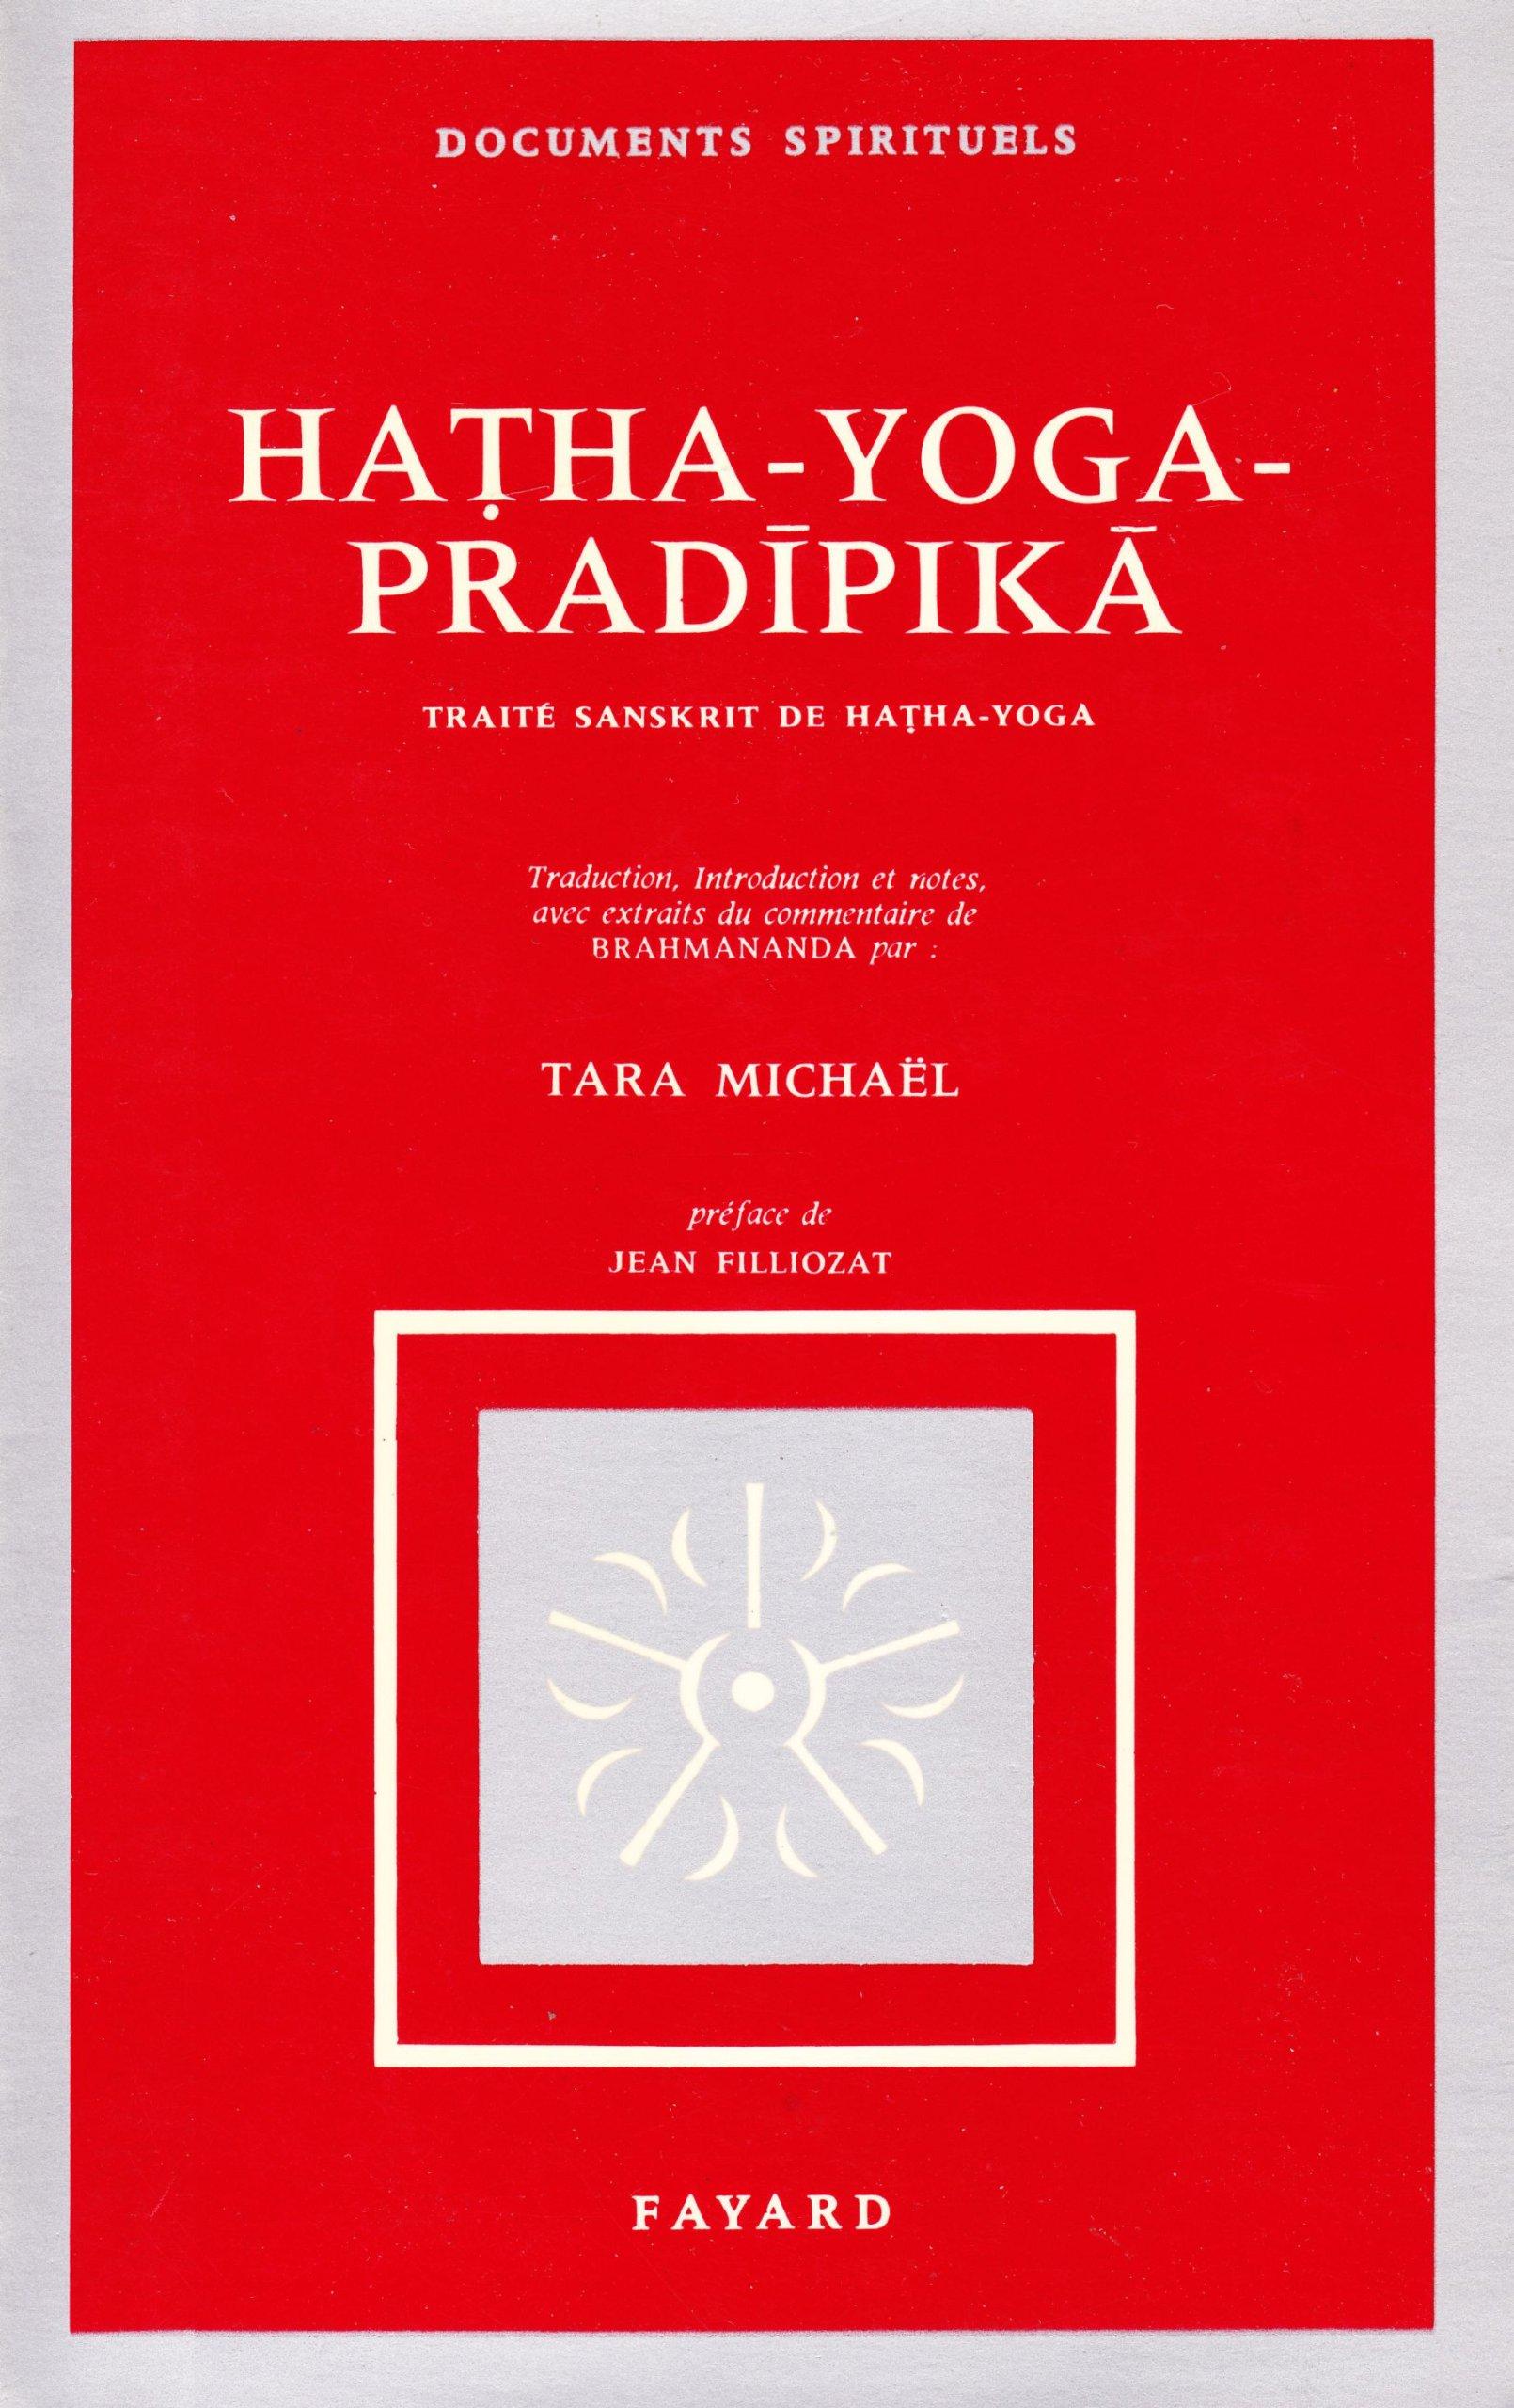 Hatha - yoga - pradipika - traité sanskrit de hatha-yoga ...